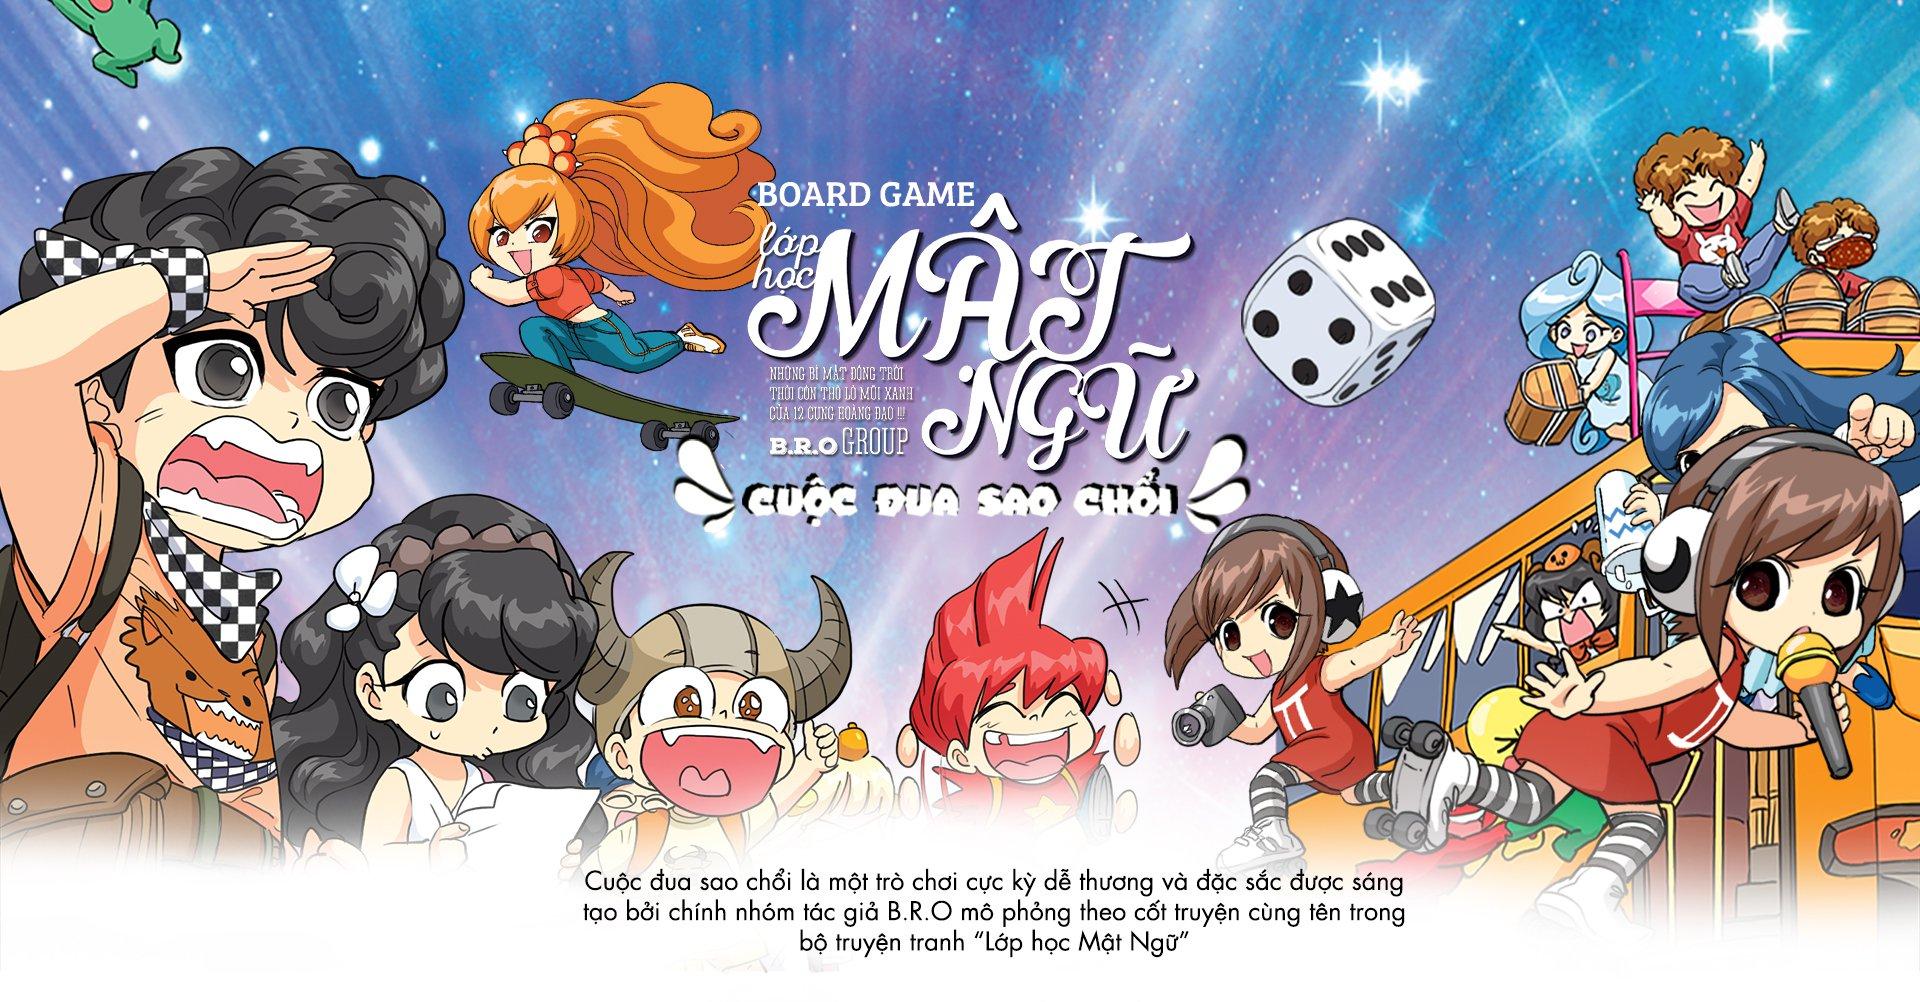 Được phát hành bởi BoardgameVN và Review bởi Time Sun See Studio, Toy  Station, Comicola.